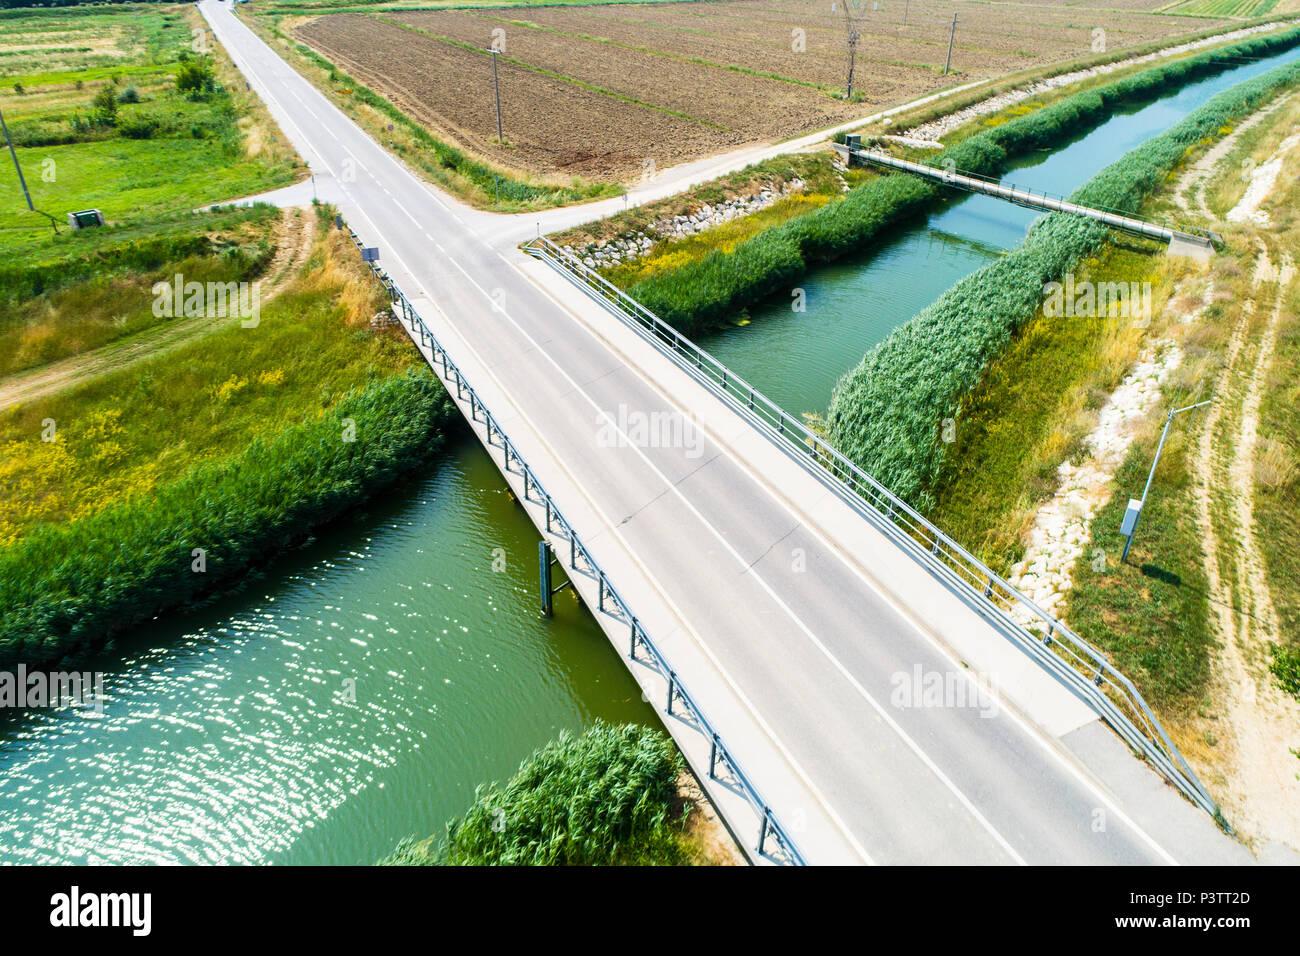 Luftaufnahme einer Straßenbrücke über einen Fluß in Kroatien, Istrien - Stock Image